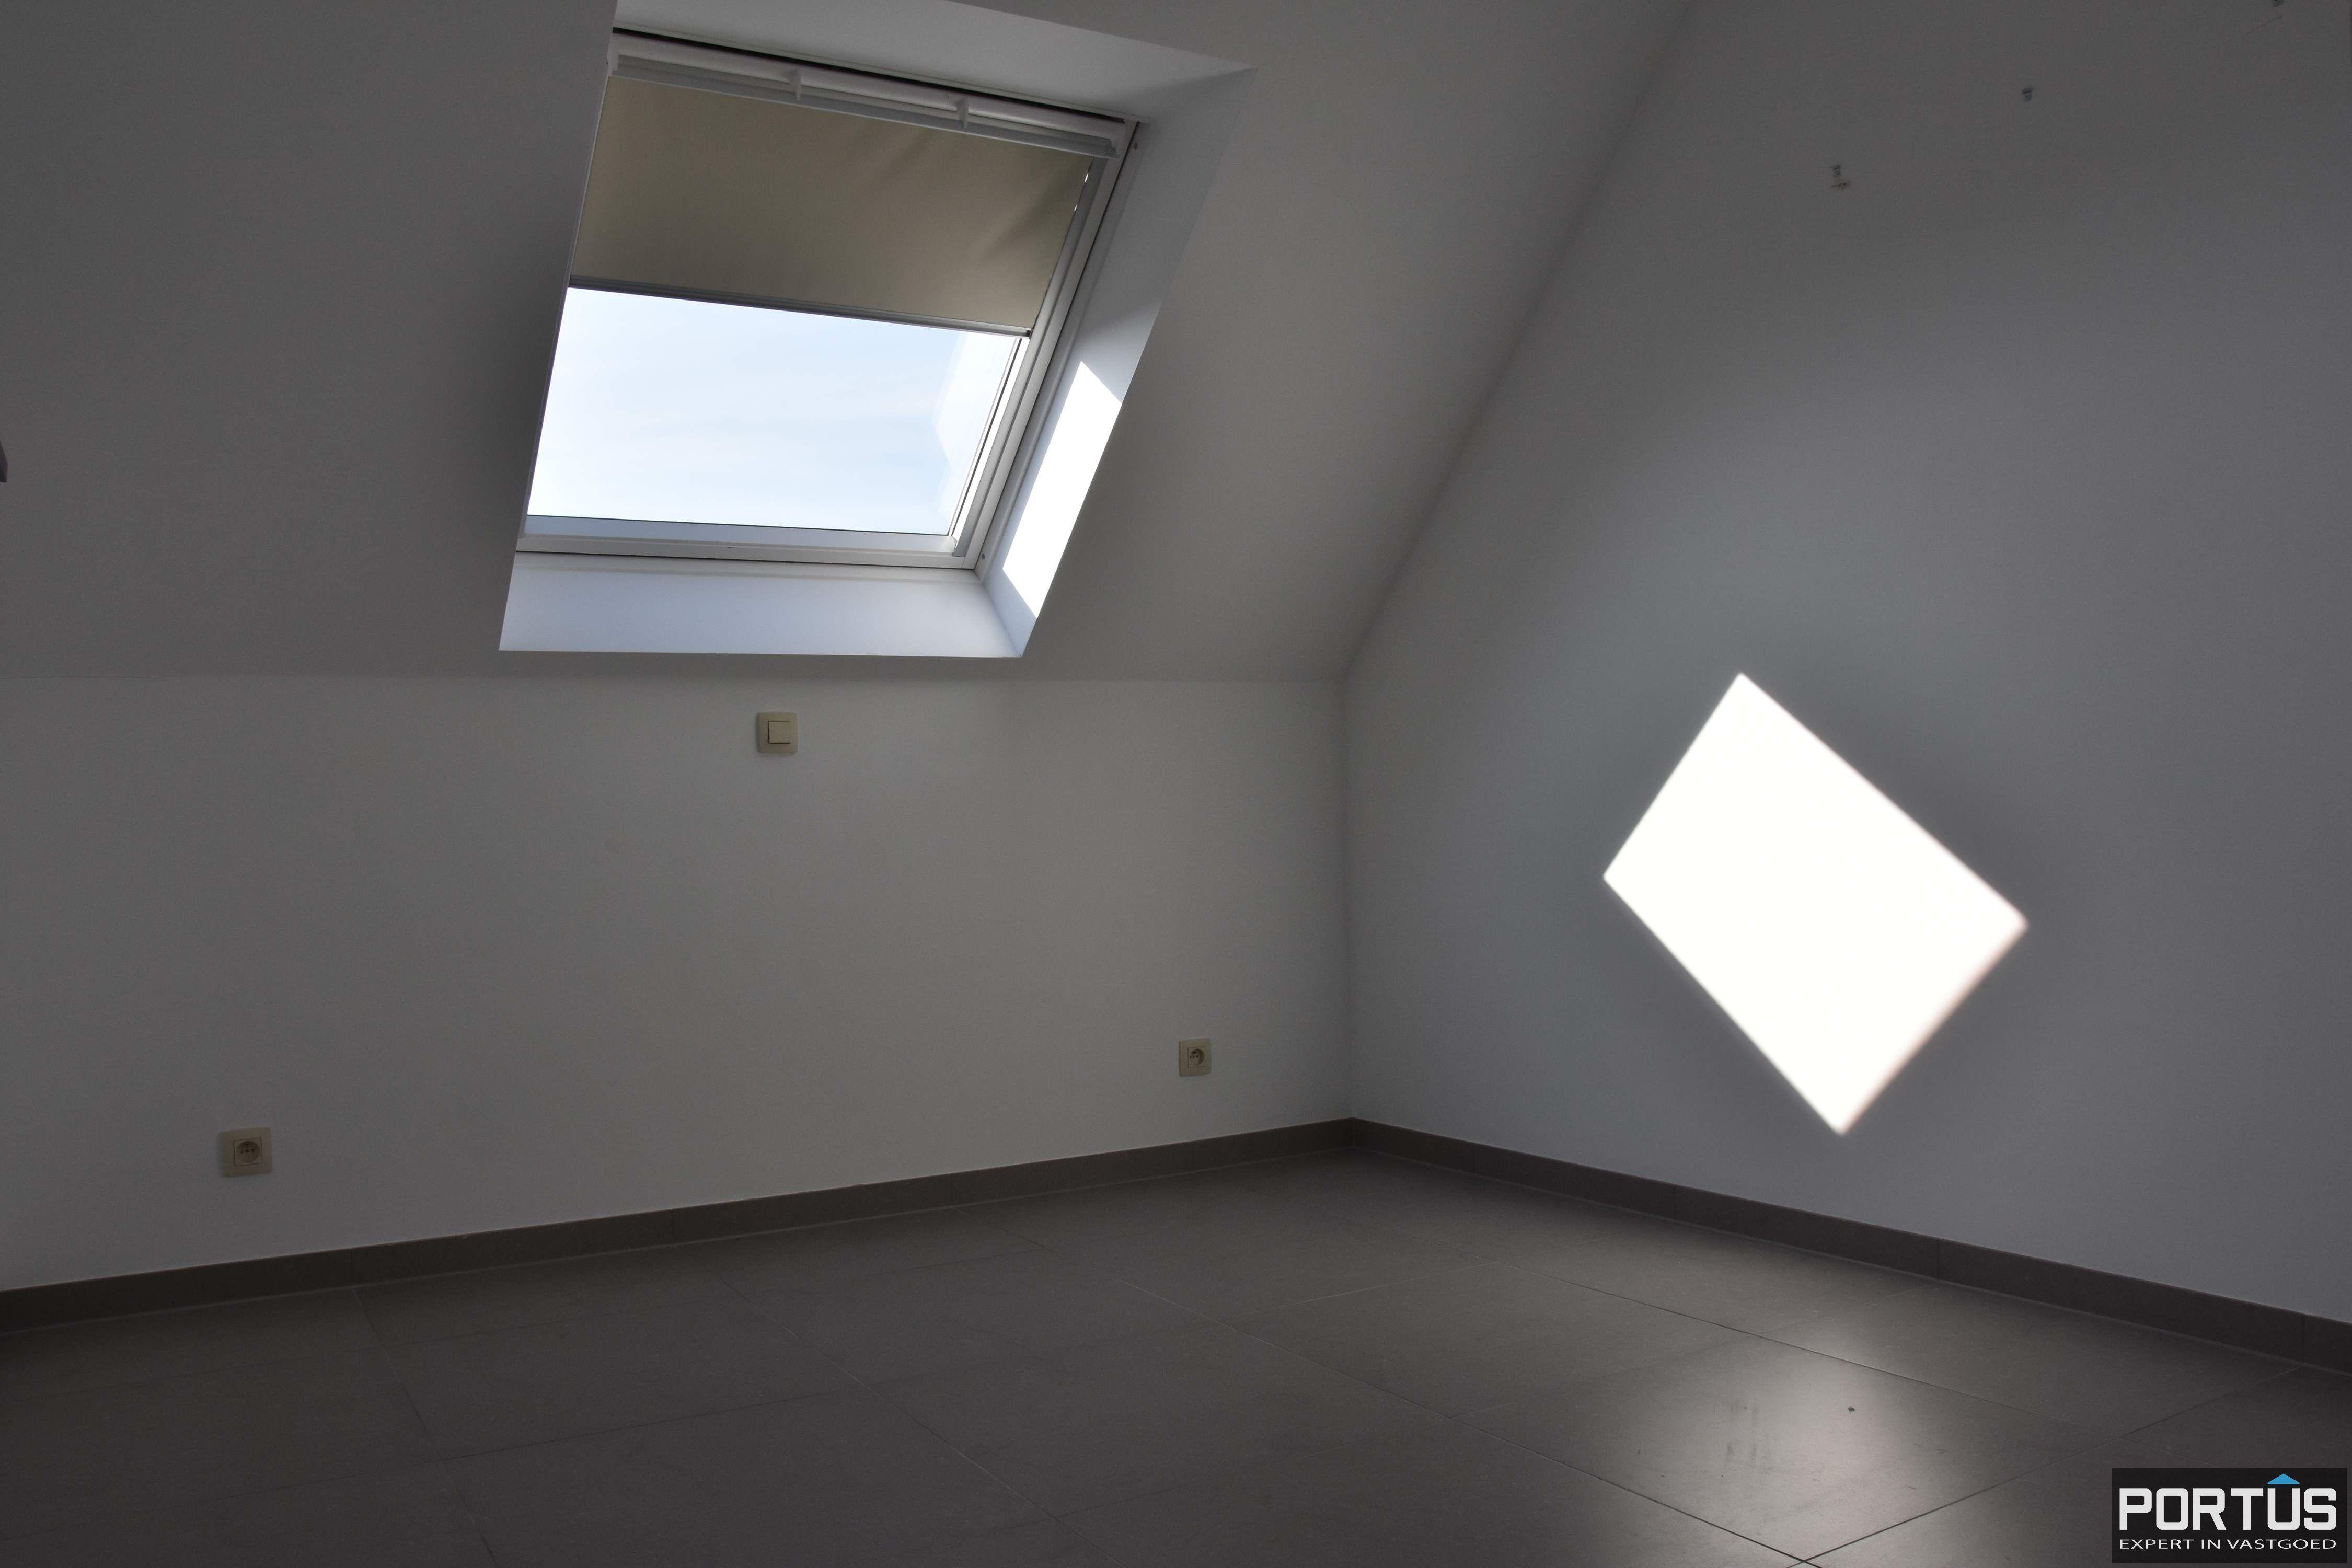 Recent appartement te huur met 3 slaapkamers, kelderberging en parking - 11119